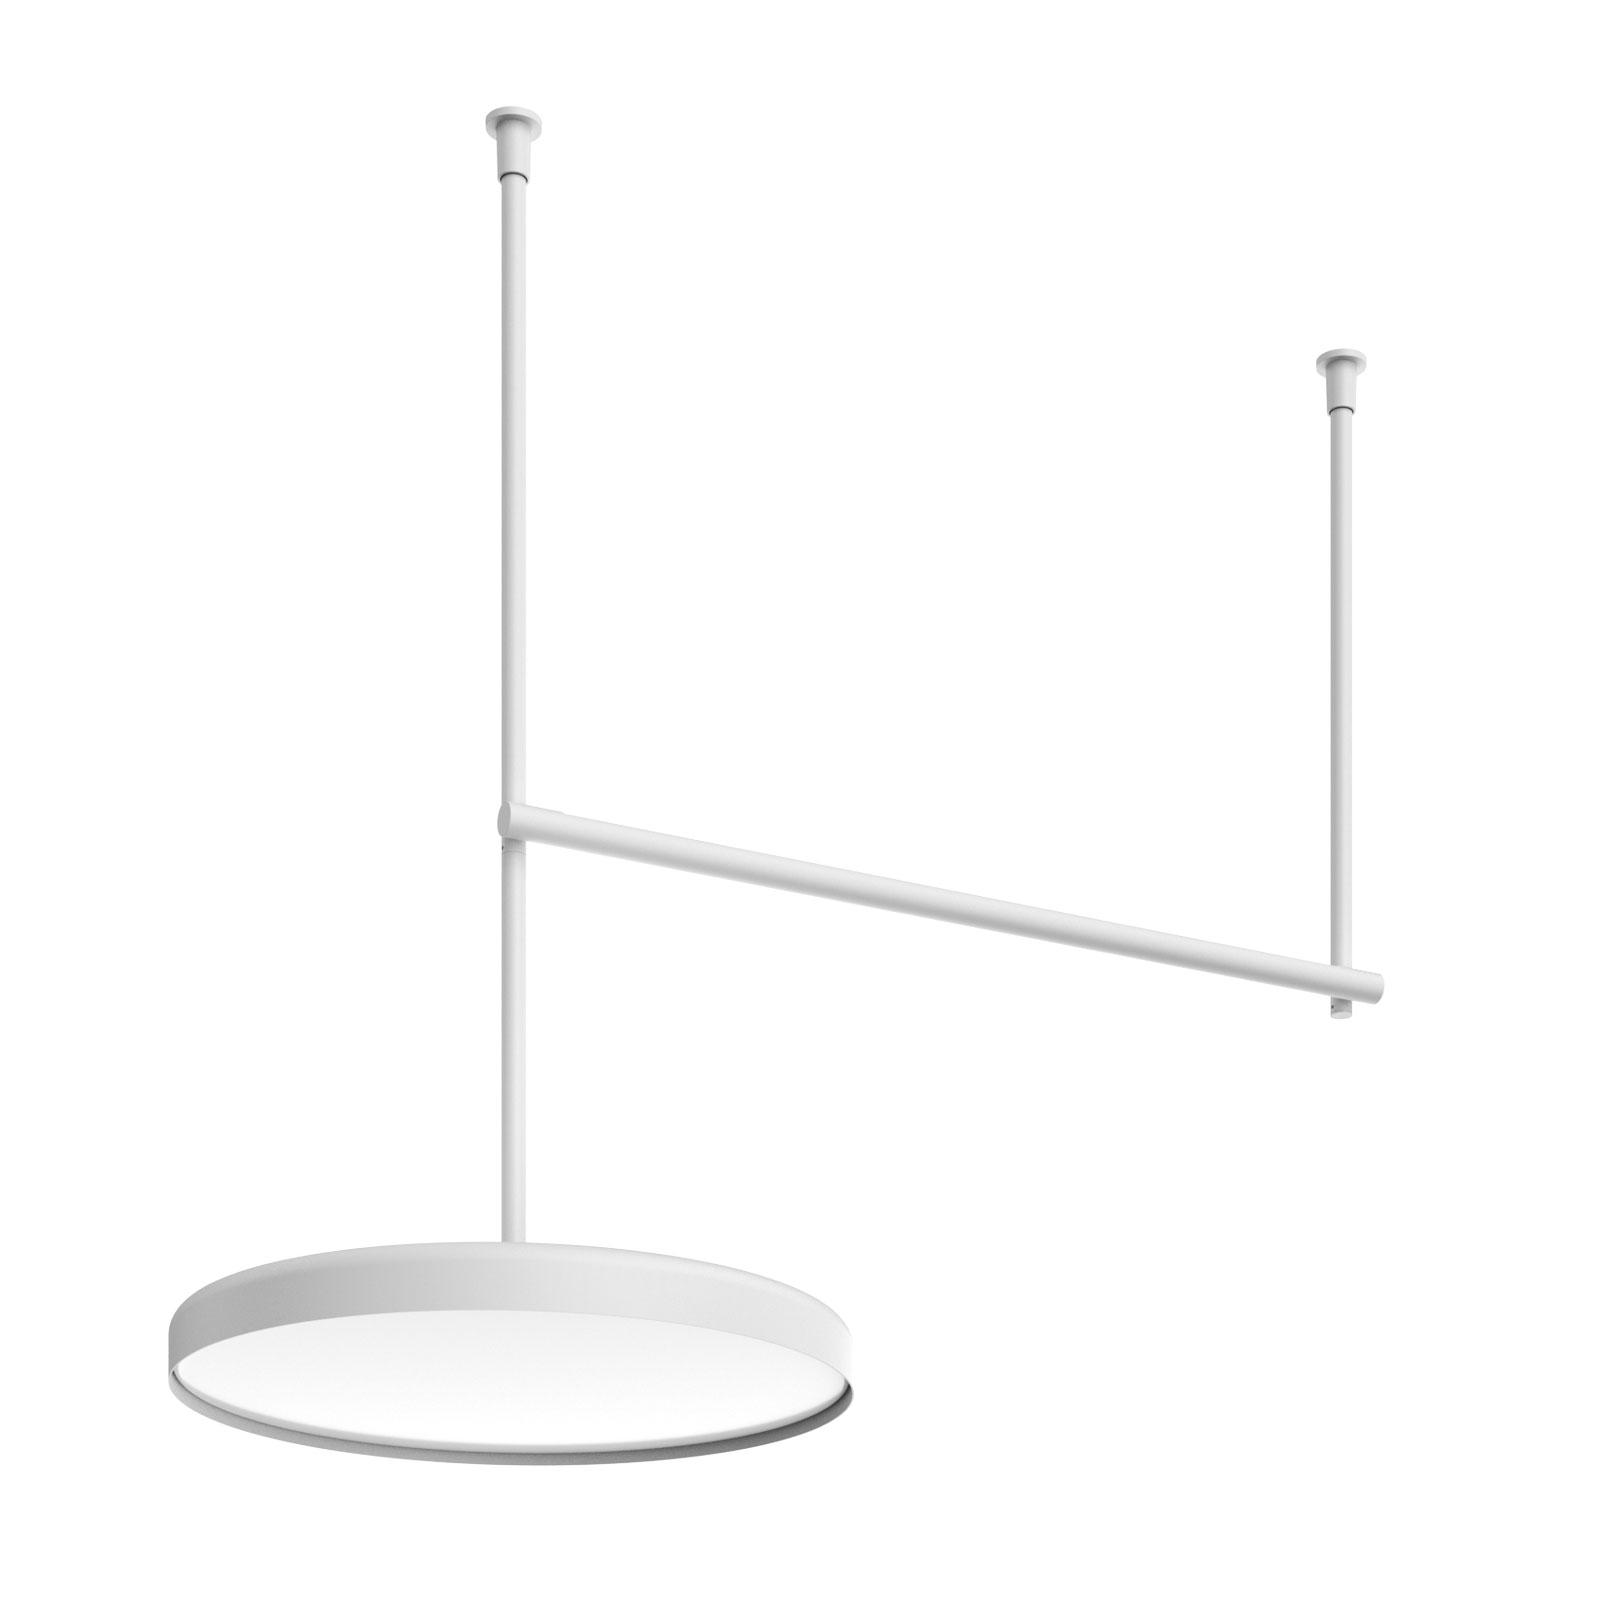 FLOS Infra-Structure C3 LED-taklampe, hvit